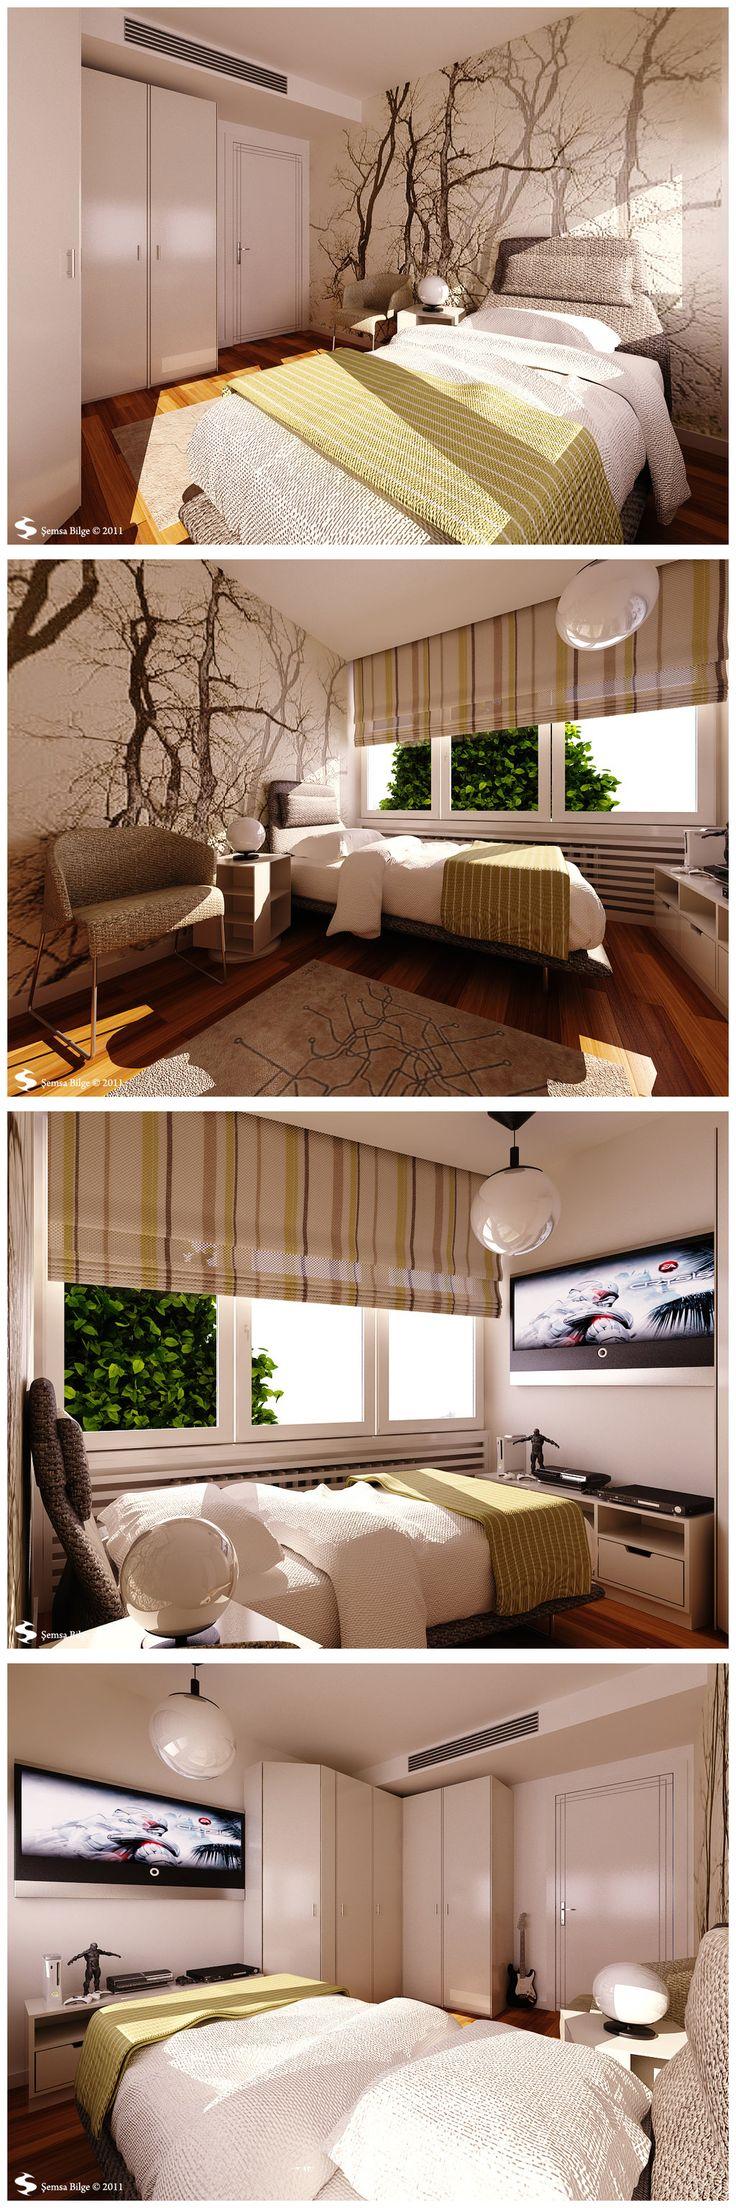 Teenage Bedroom...  - popculturez.com